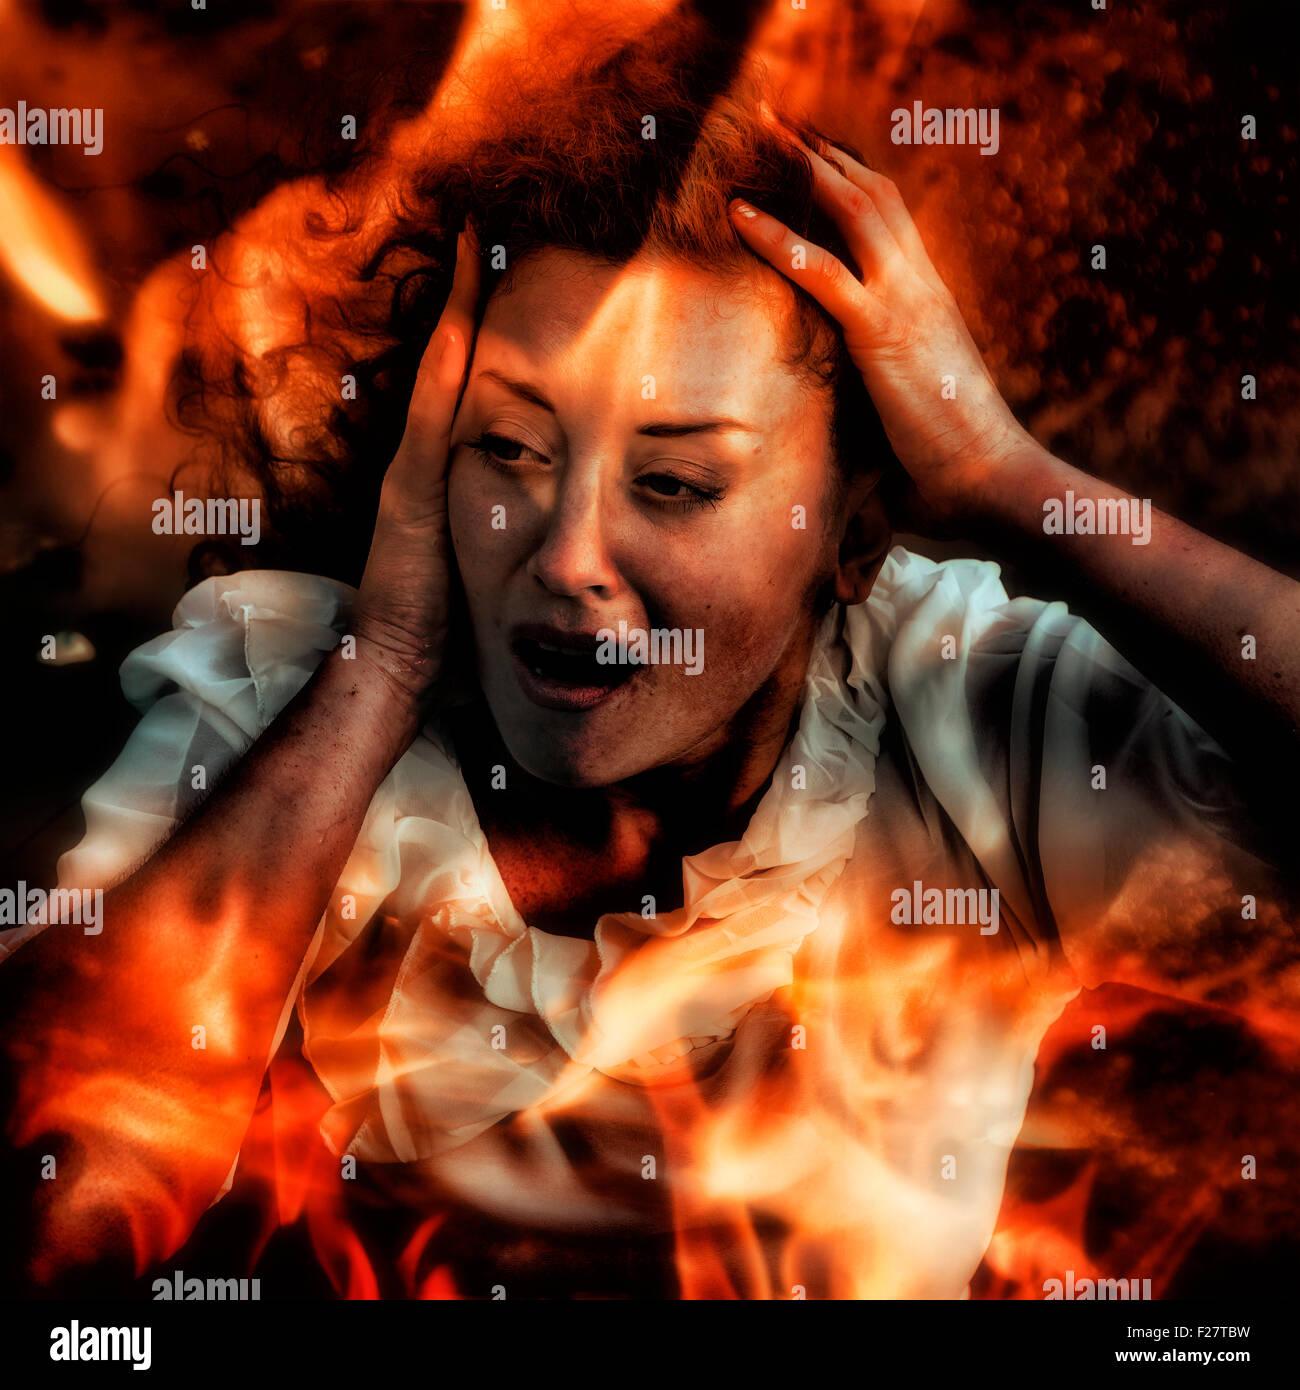 Una mujer mirando a través de las llamas, gritando Imagen De Stock